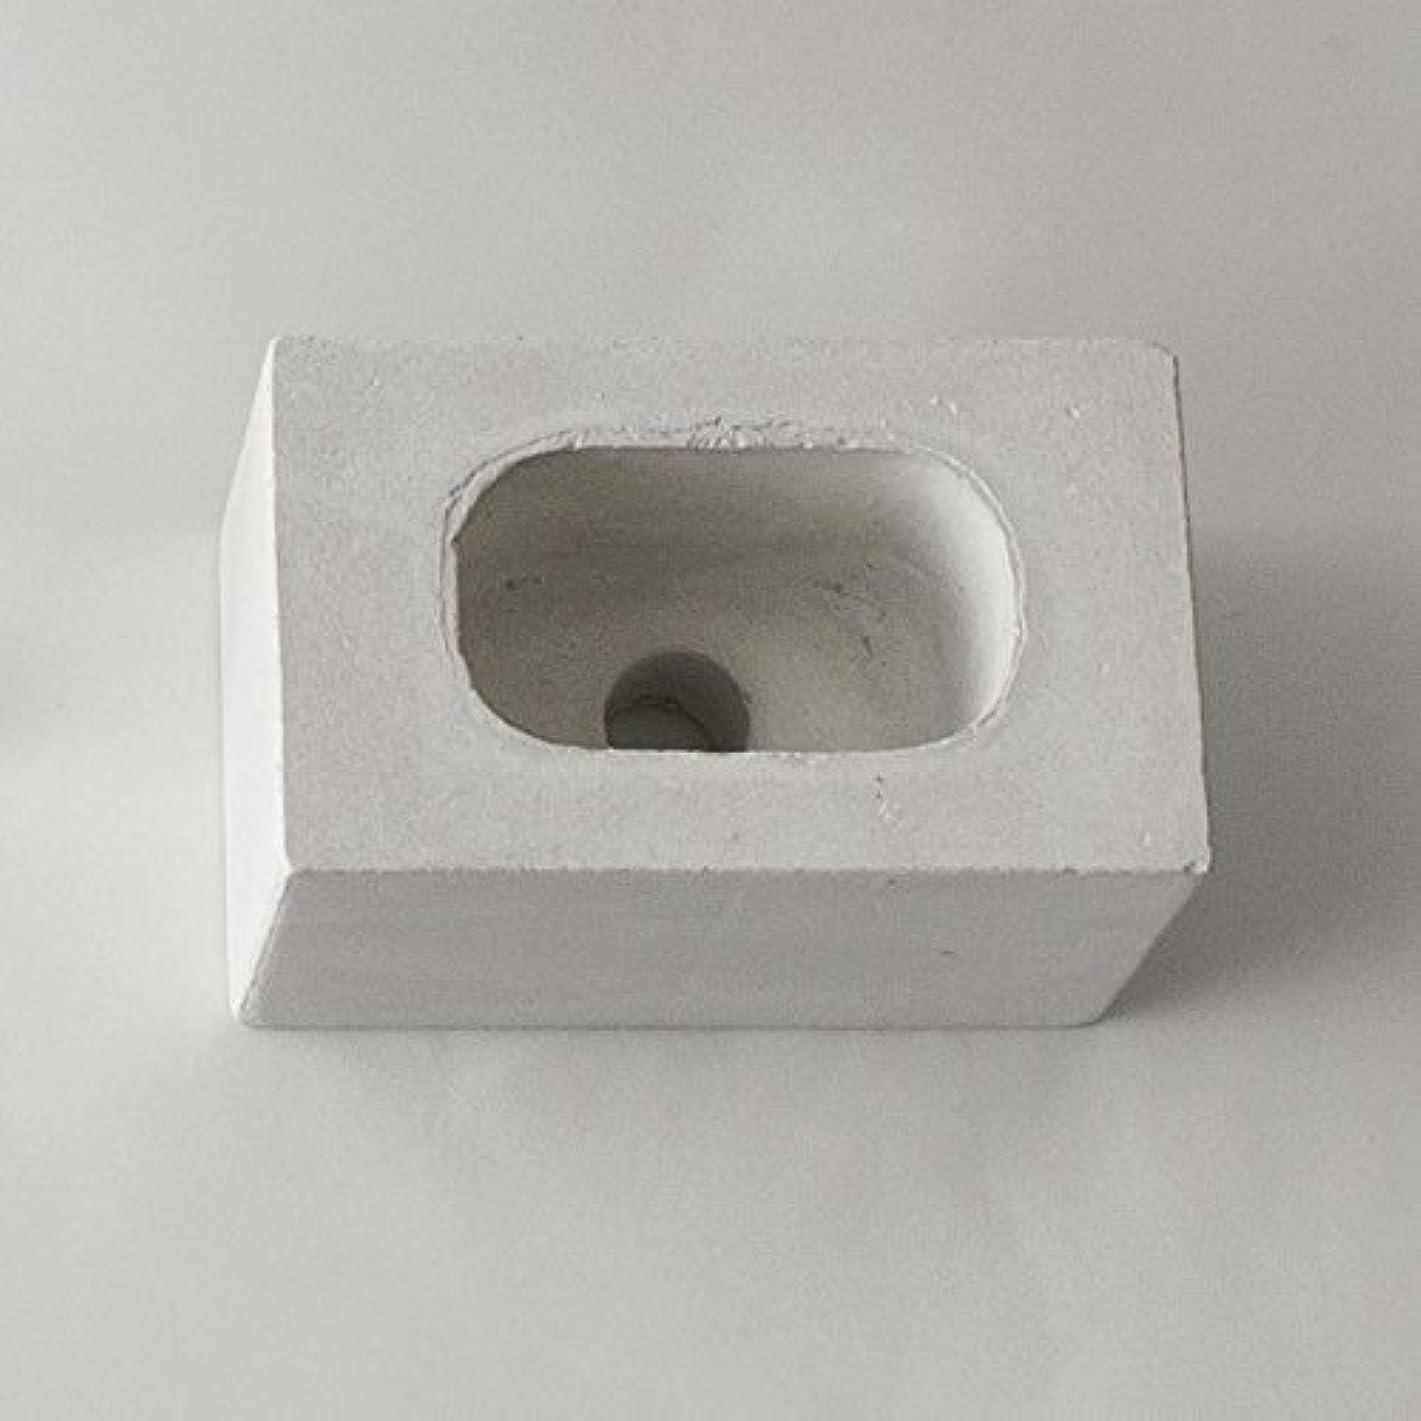 文字通り維持するフォアマンar003wh/パーツ販売?b2c ブリック用 コンクリートパーツ(スクエア)《ホワイト》  芳香剤 ルームフレグランス リードディフューザー アロマ ディフューザー